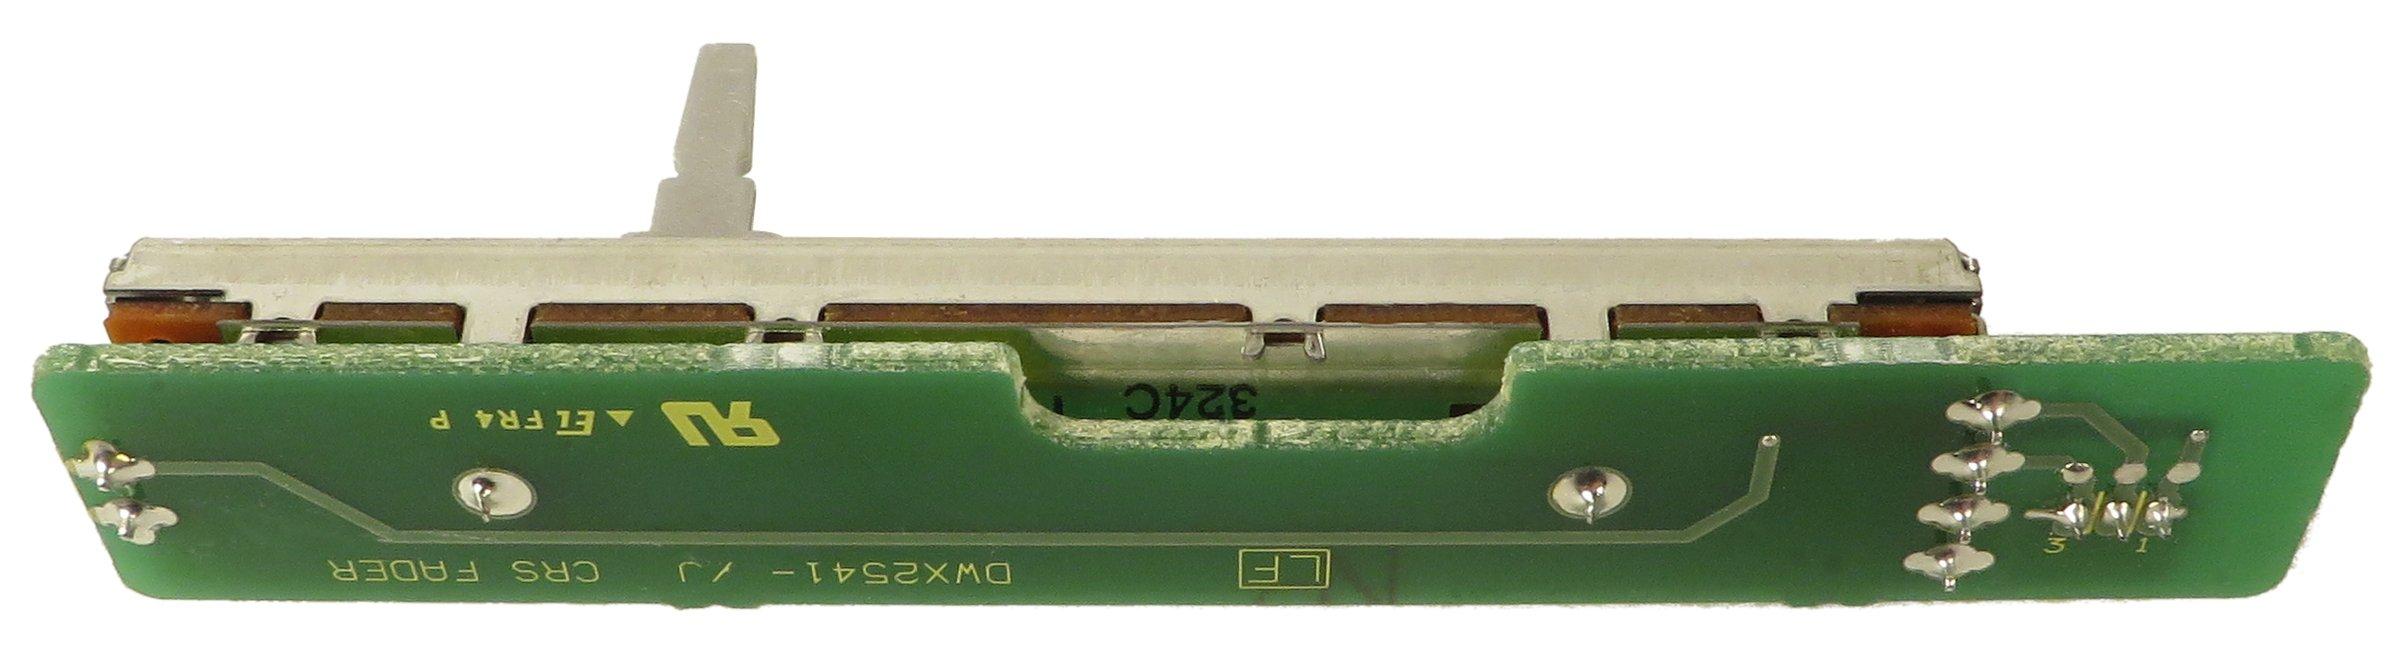 Pioneer Mixer Crossfader